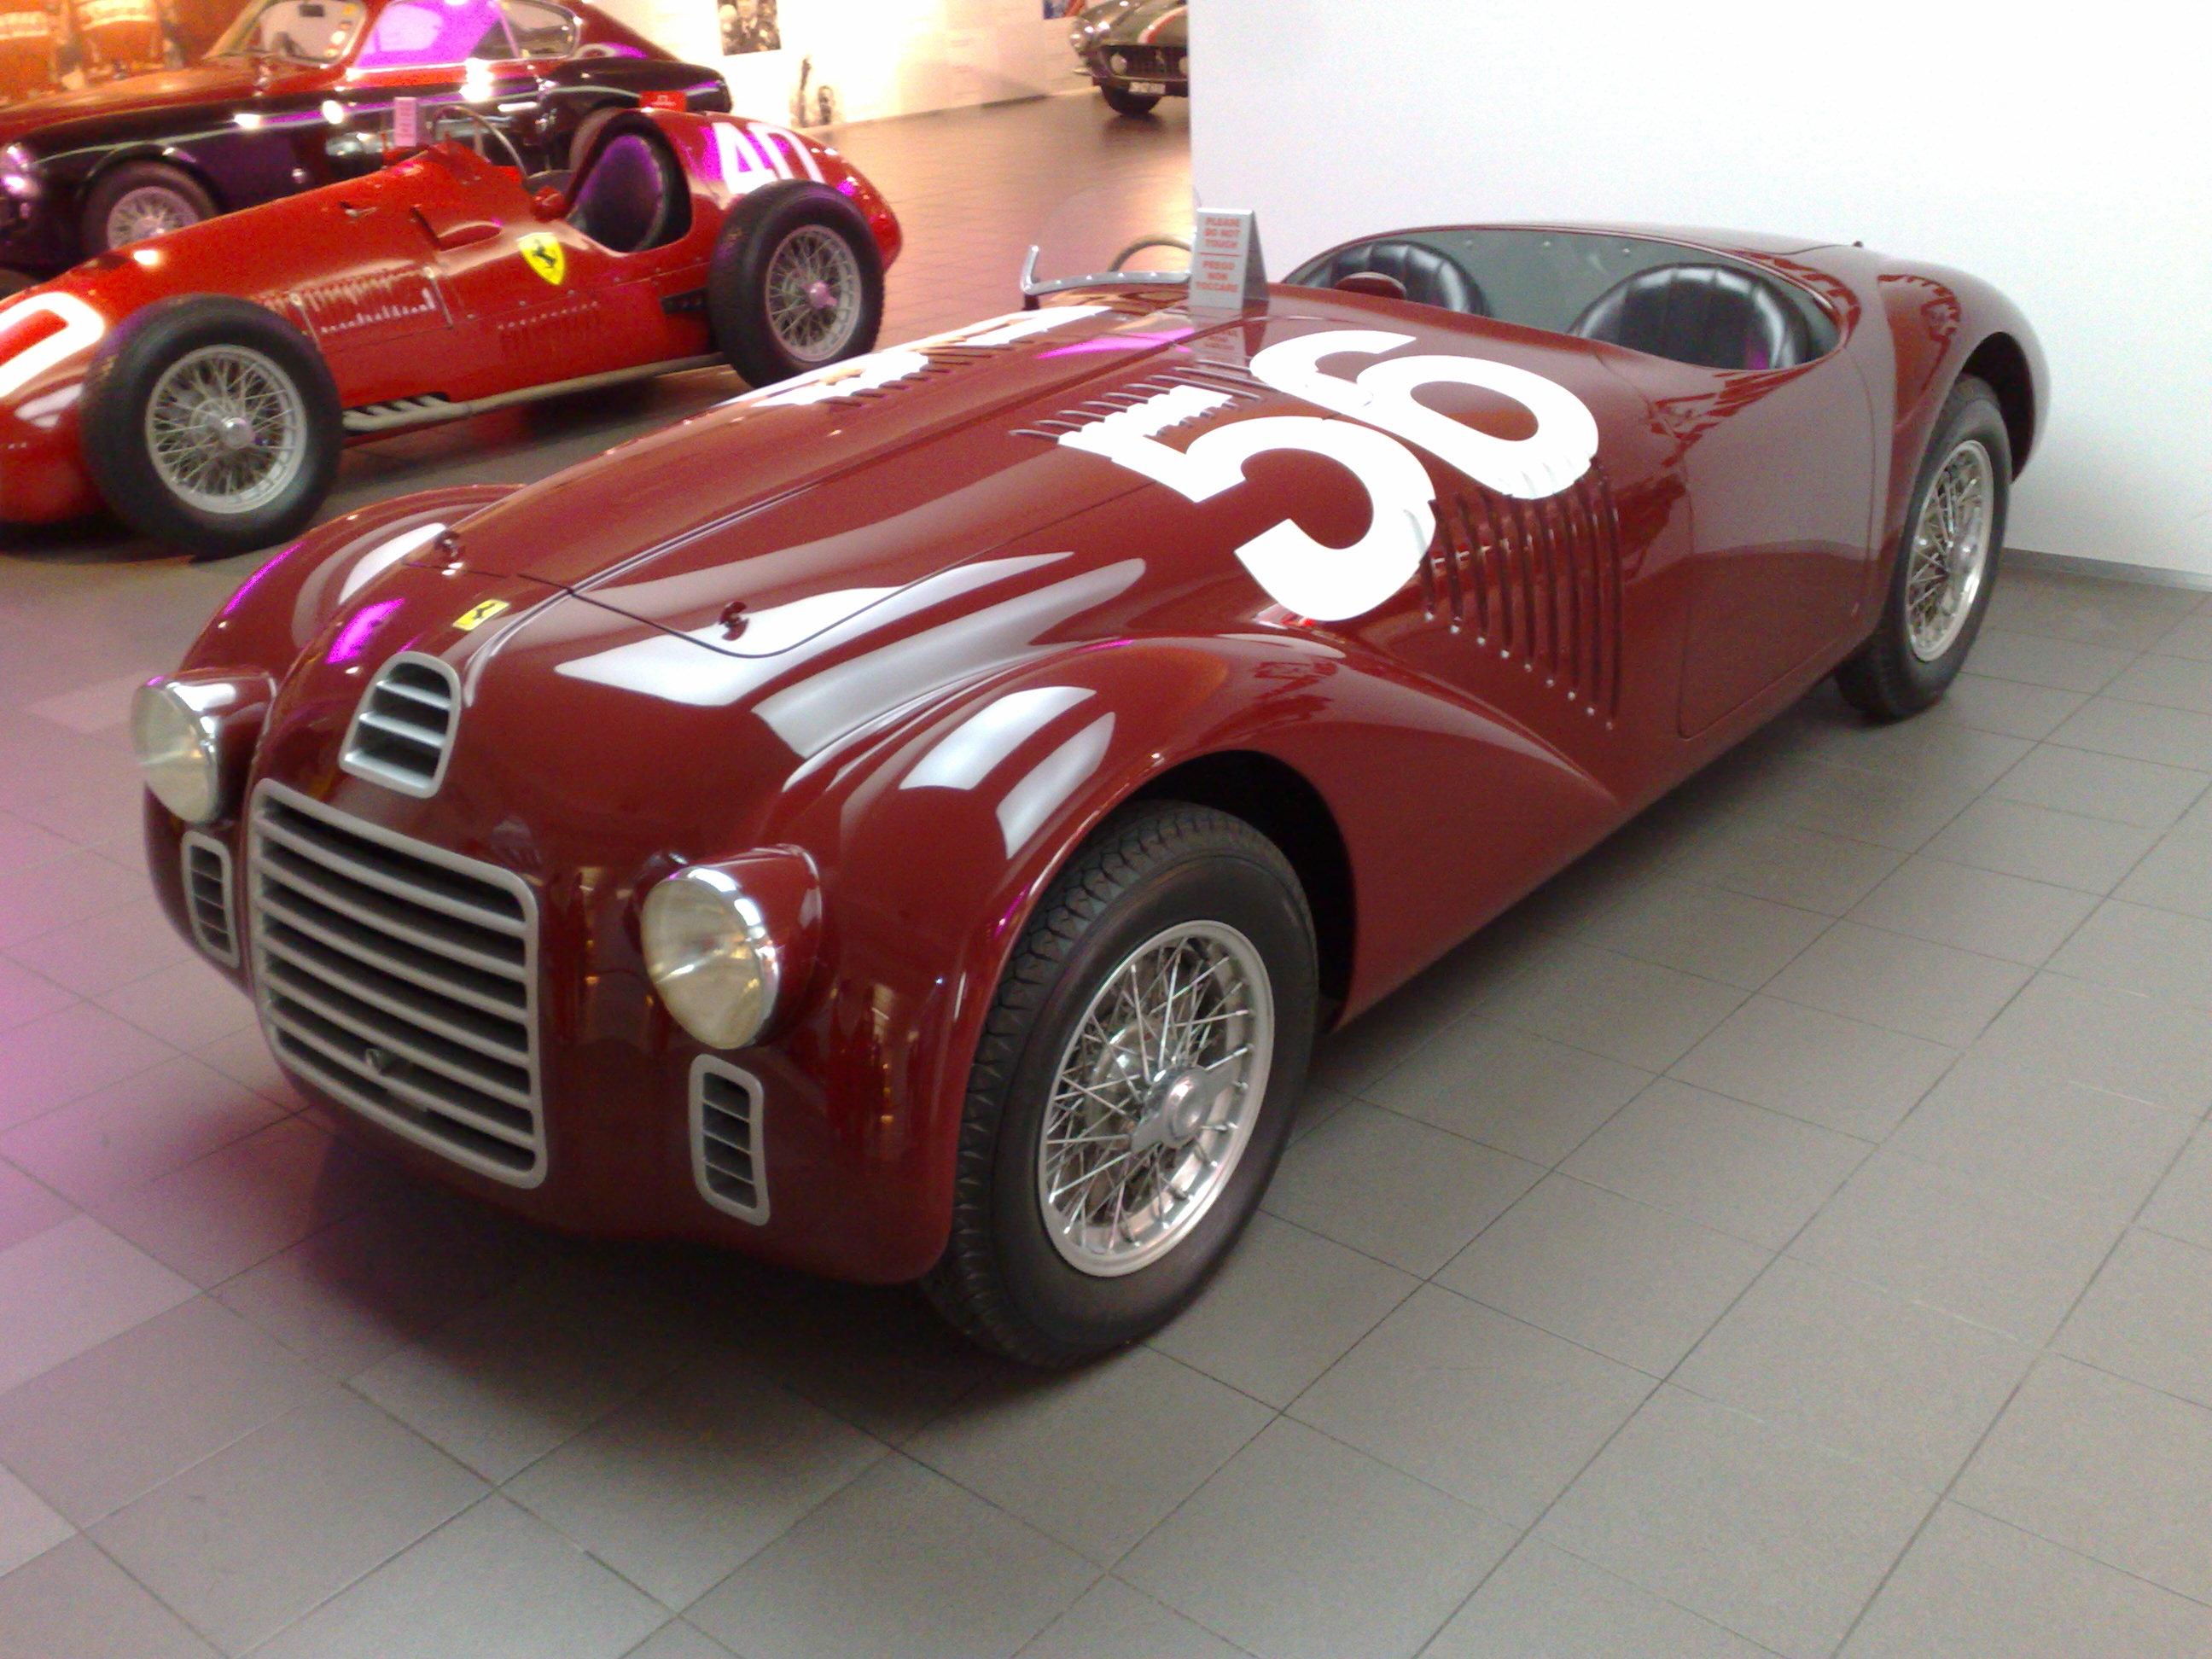 used cars edo italia competition ferrari